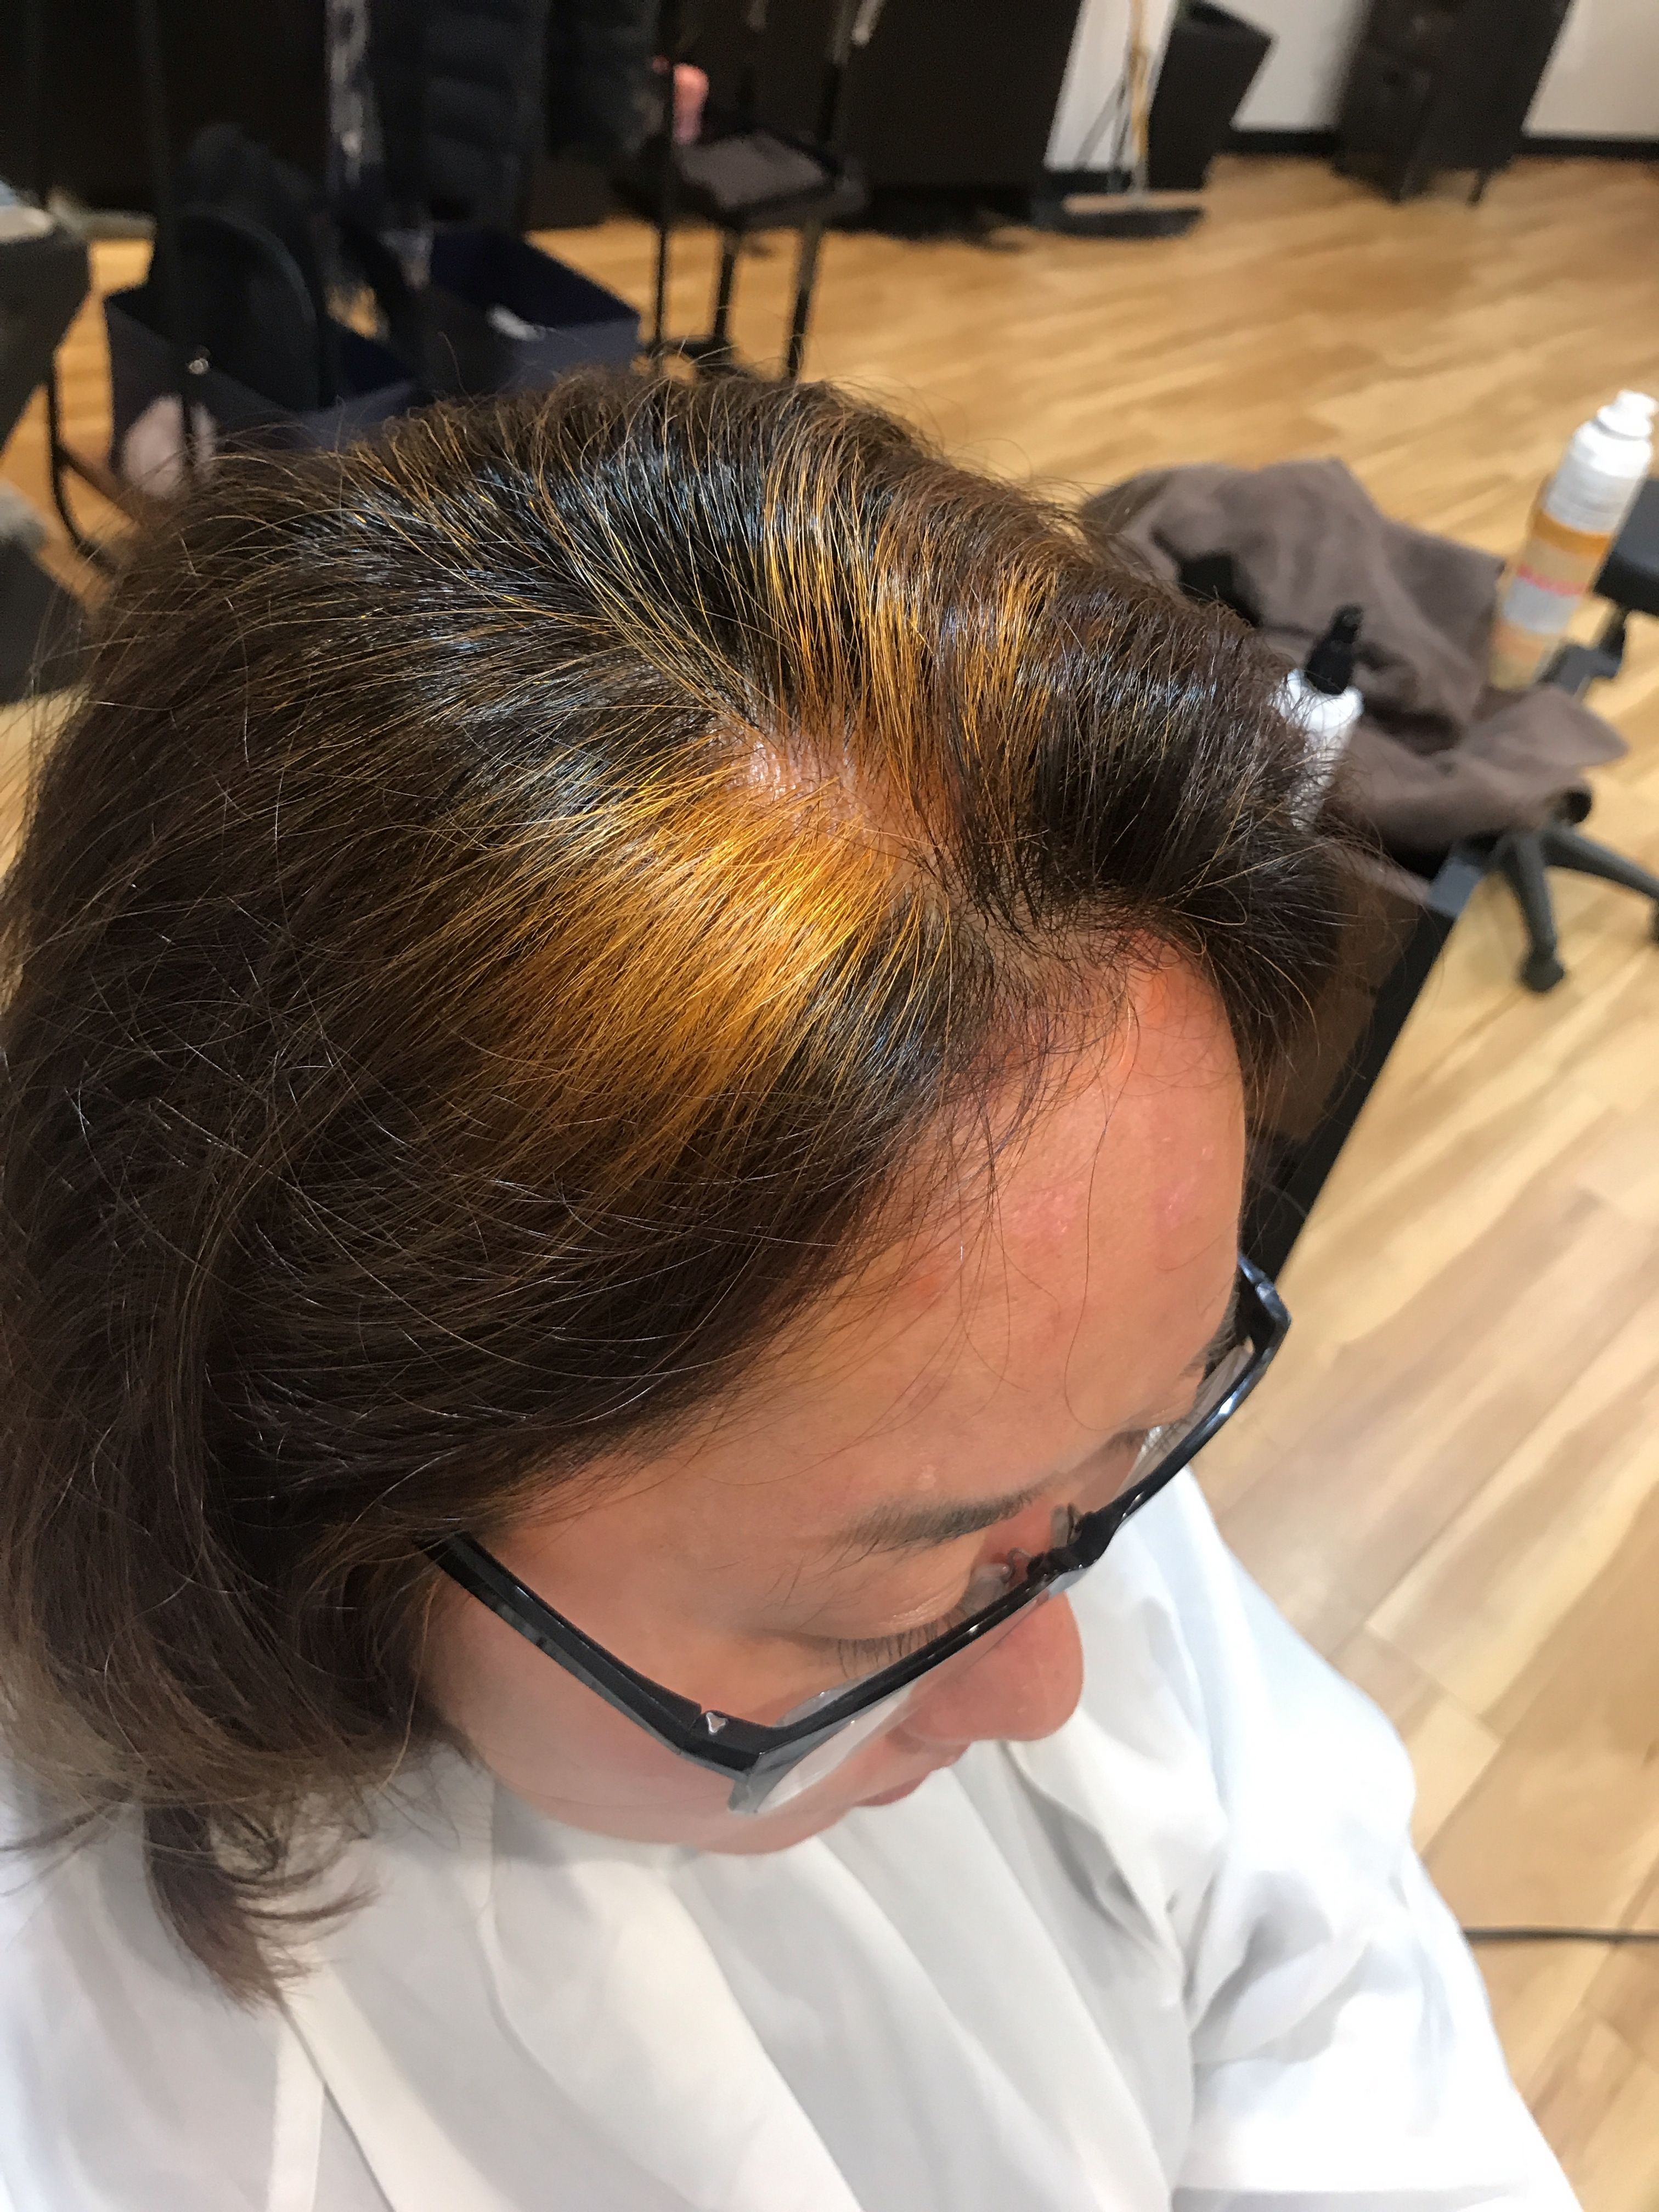 100%天然のヘナを活用してグレーヘアをオシャレにアップデート